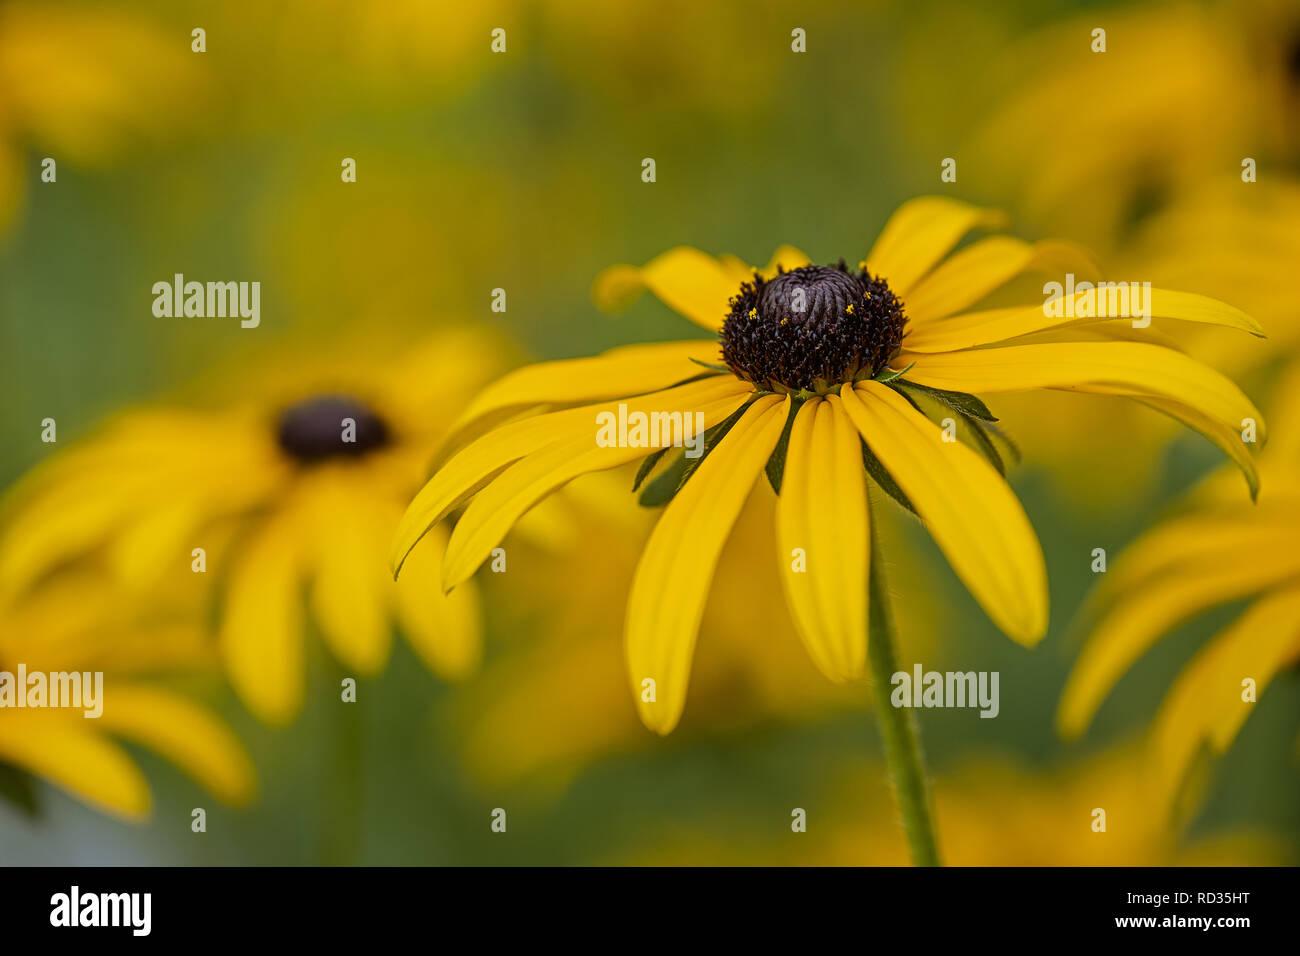 yellow flower coneflower Echinacea close up - Stock Image